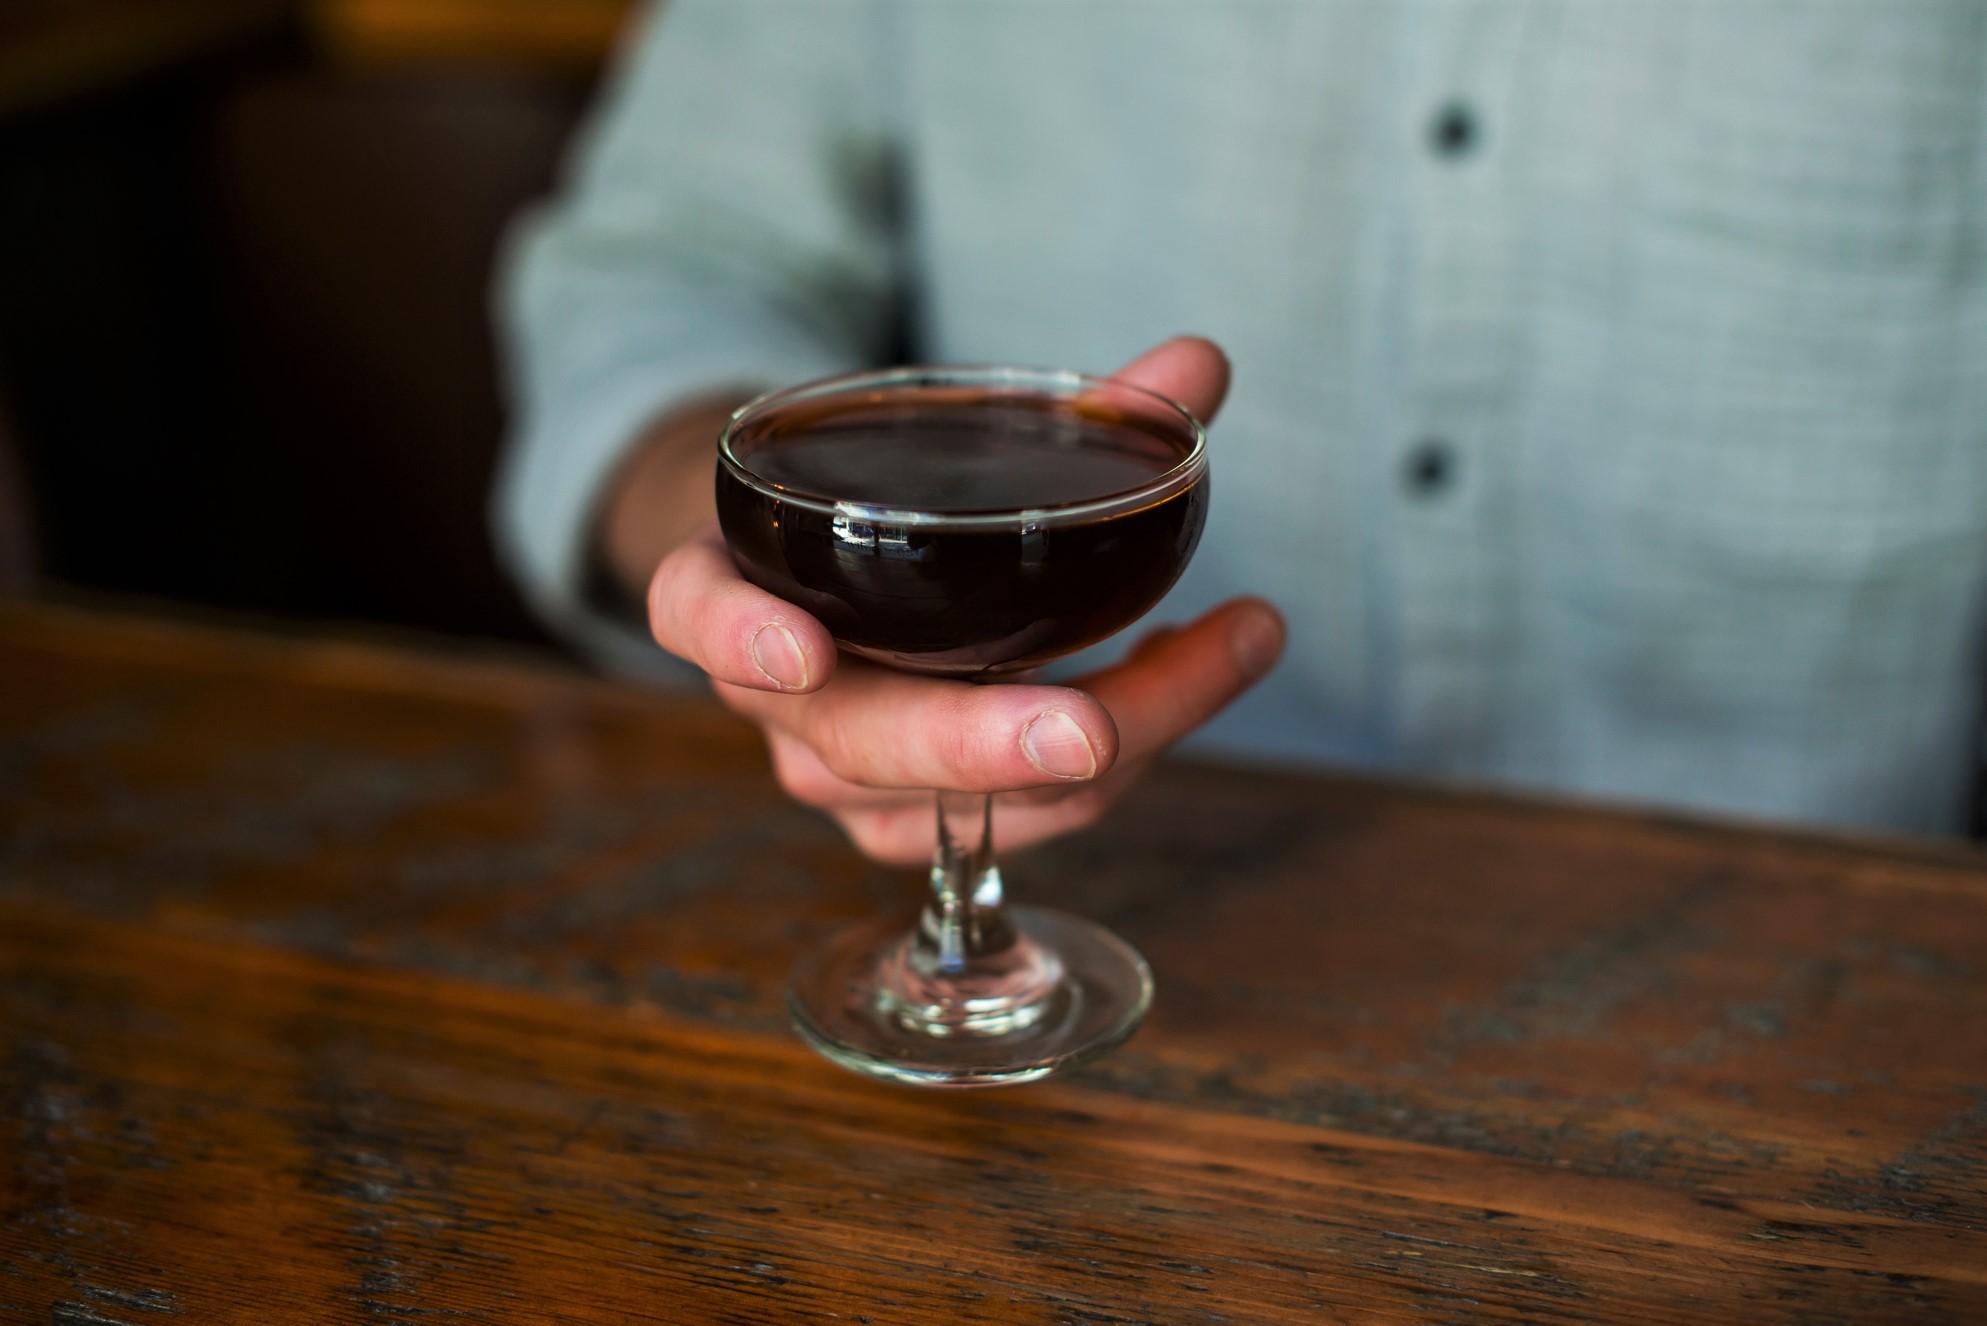 Dadhattan Cocktail